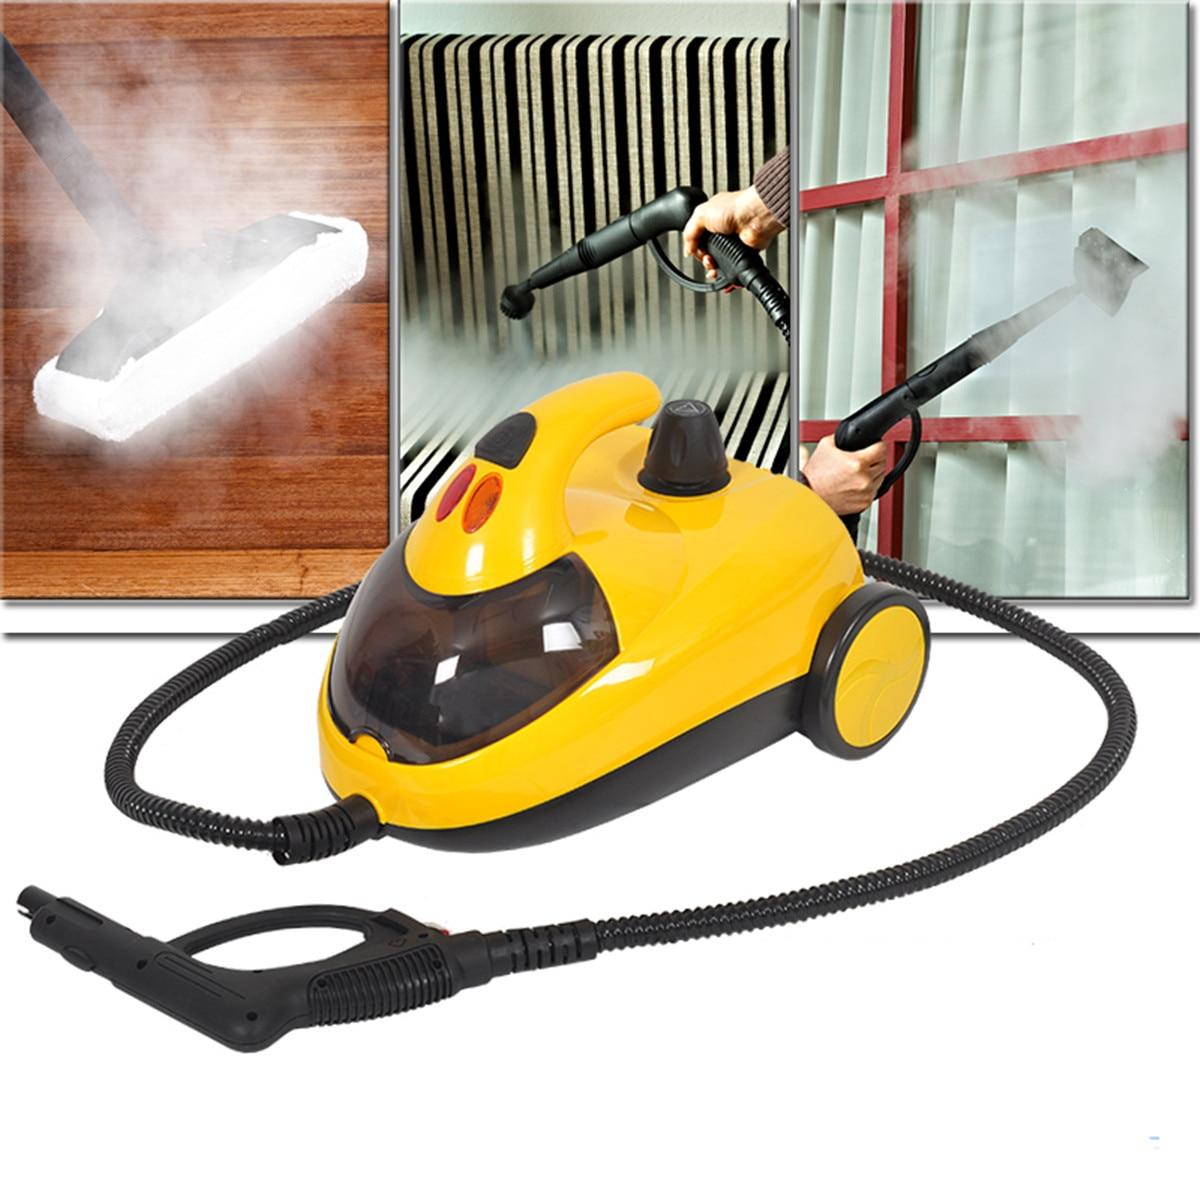 Pavimento Moquette Cleaner Rondella di Pulizia A Vapore Ad alta Pressione Macchina 13in1 AU220V 1.5L4.0 1800 W Bar 360 Ruota per il Bagno Pulito auto